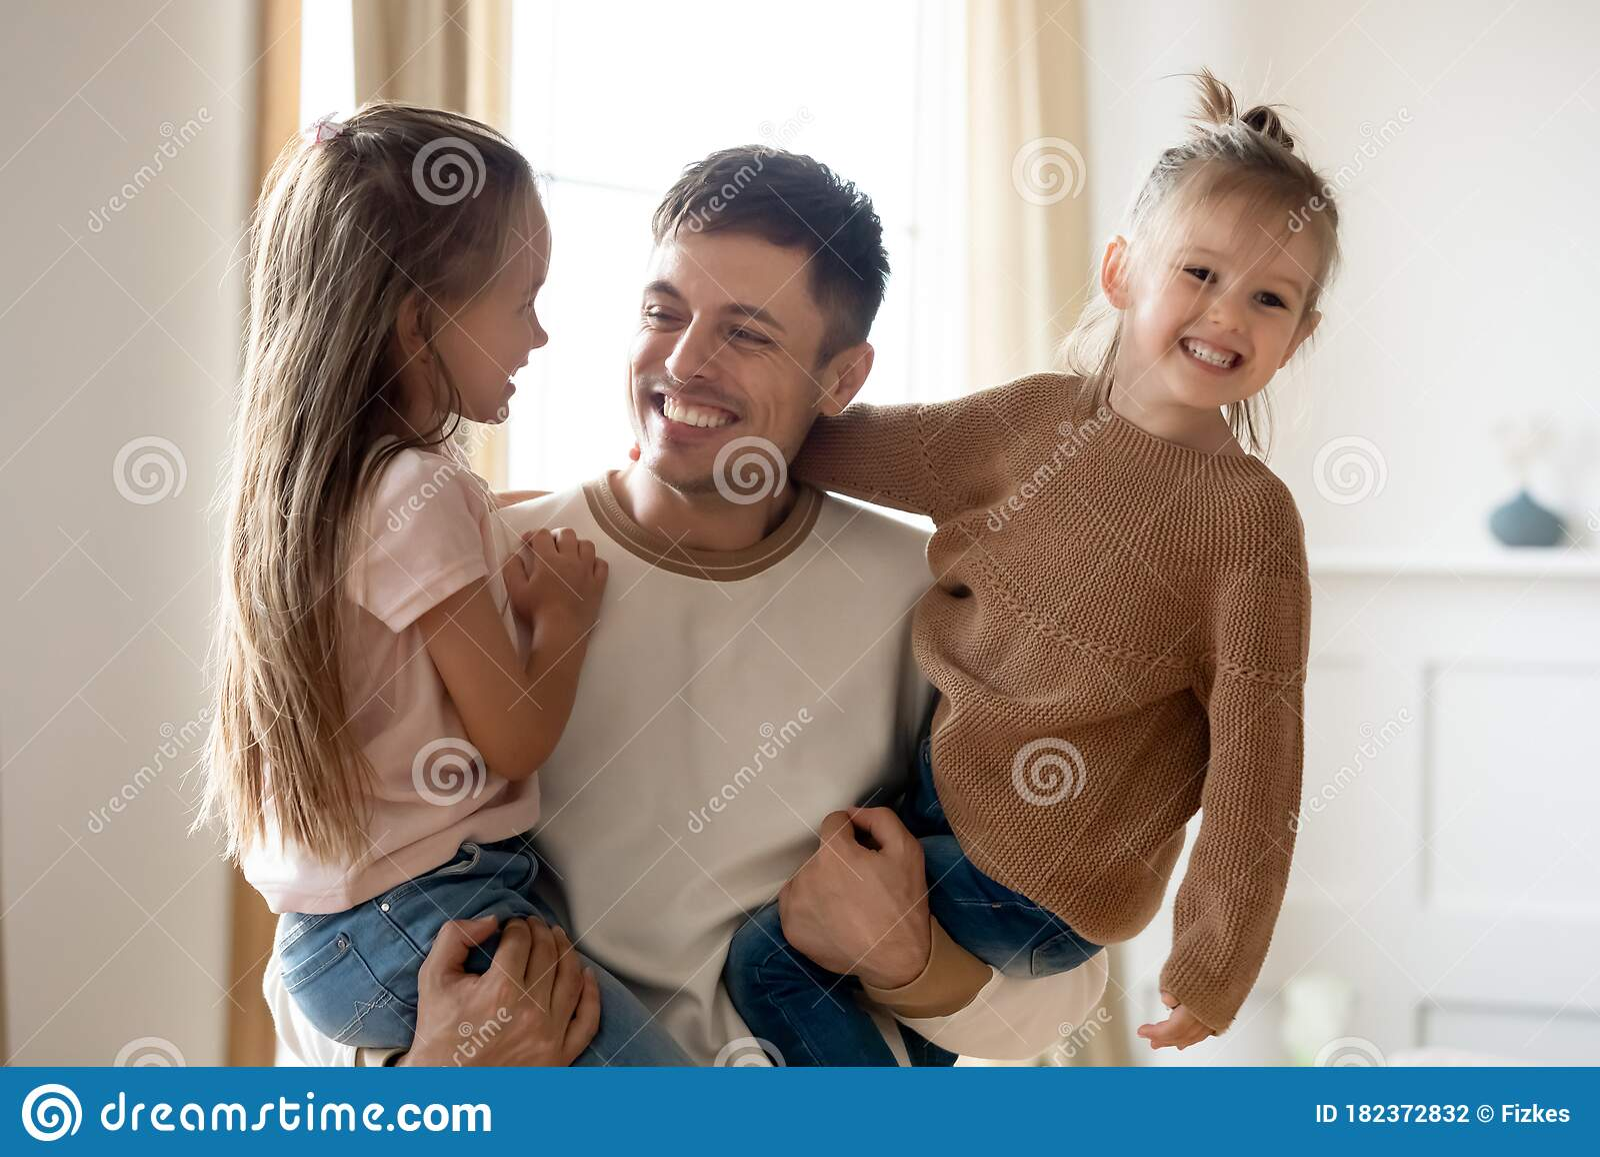 Amateur Dad Cums Daughters Ass